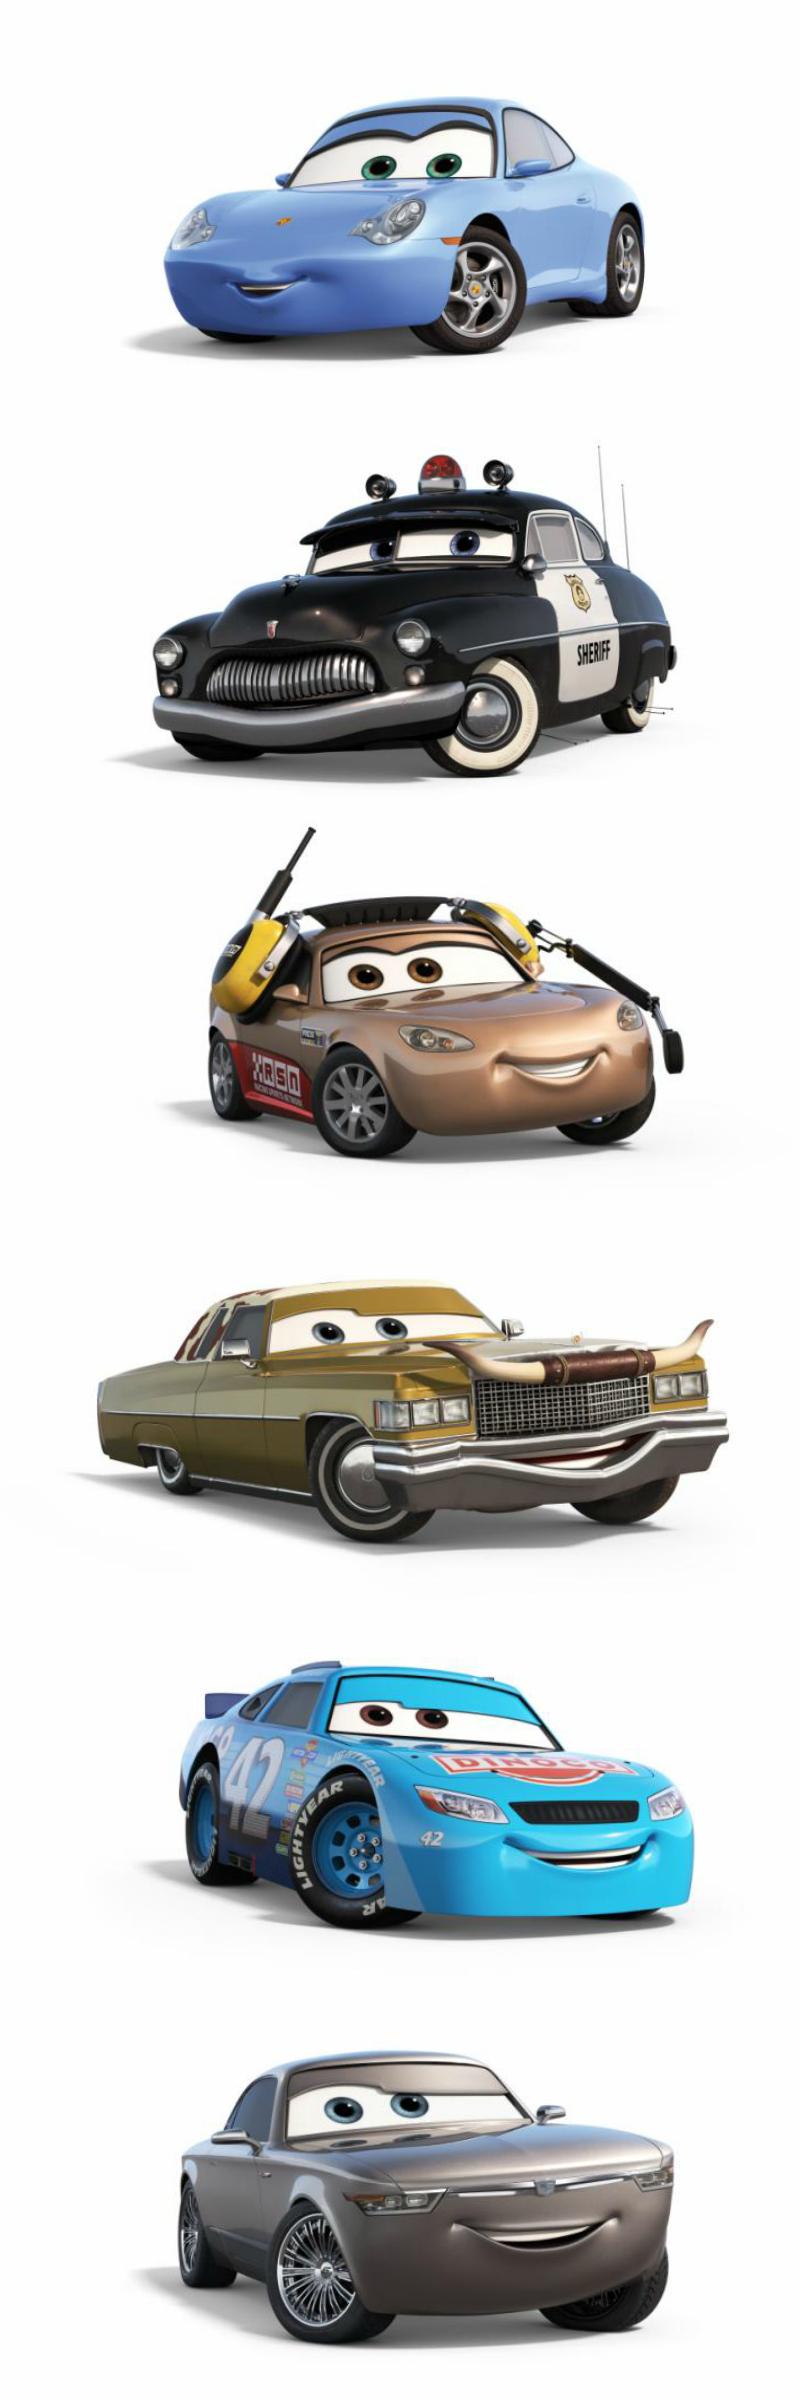 Disney Pixar Cars 3 Characters